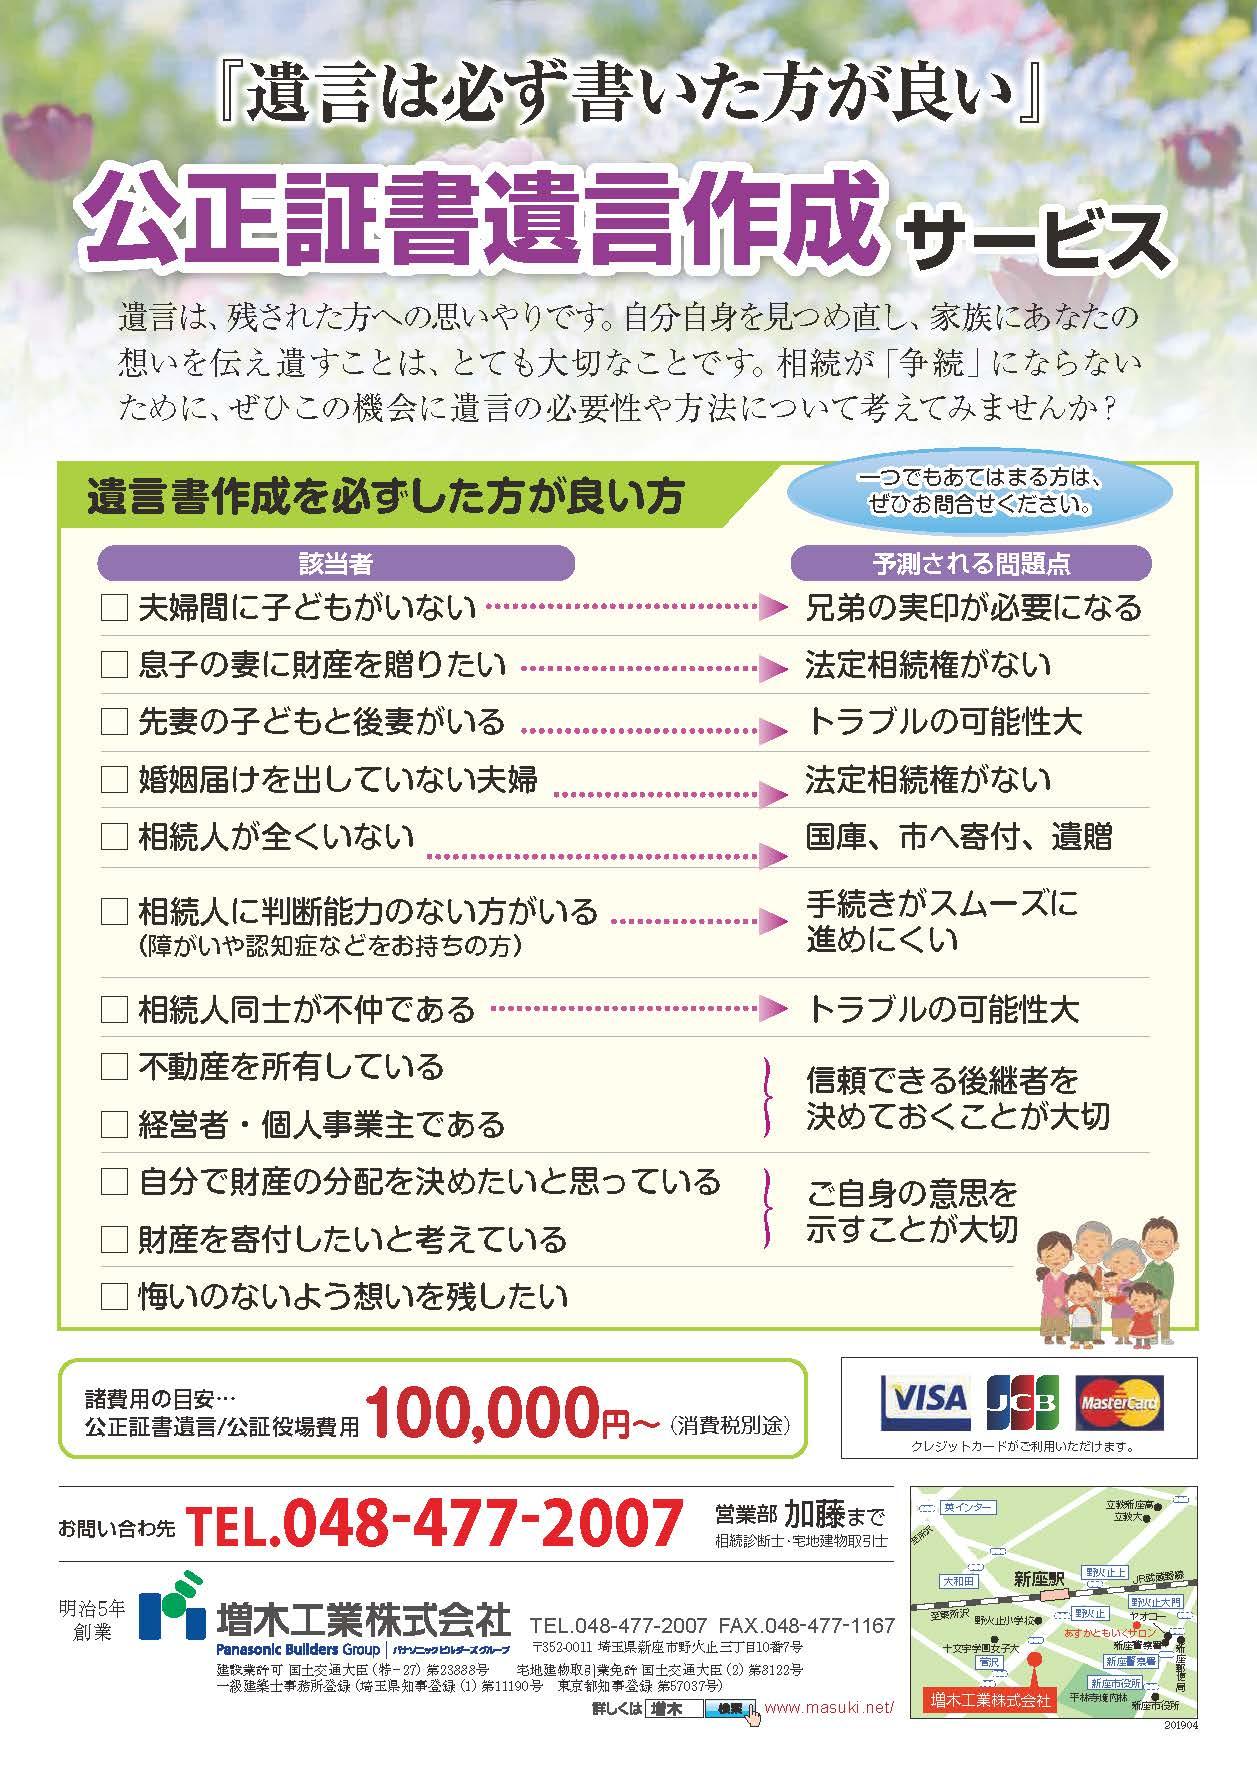 公正証書遺言作成サービス/4のイメージ